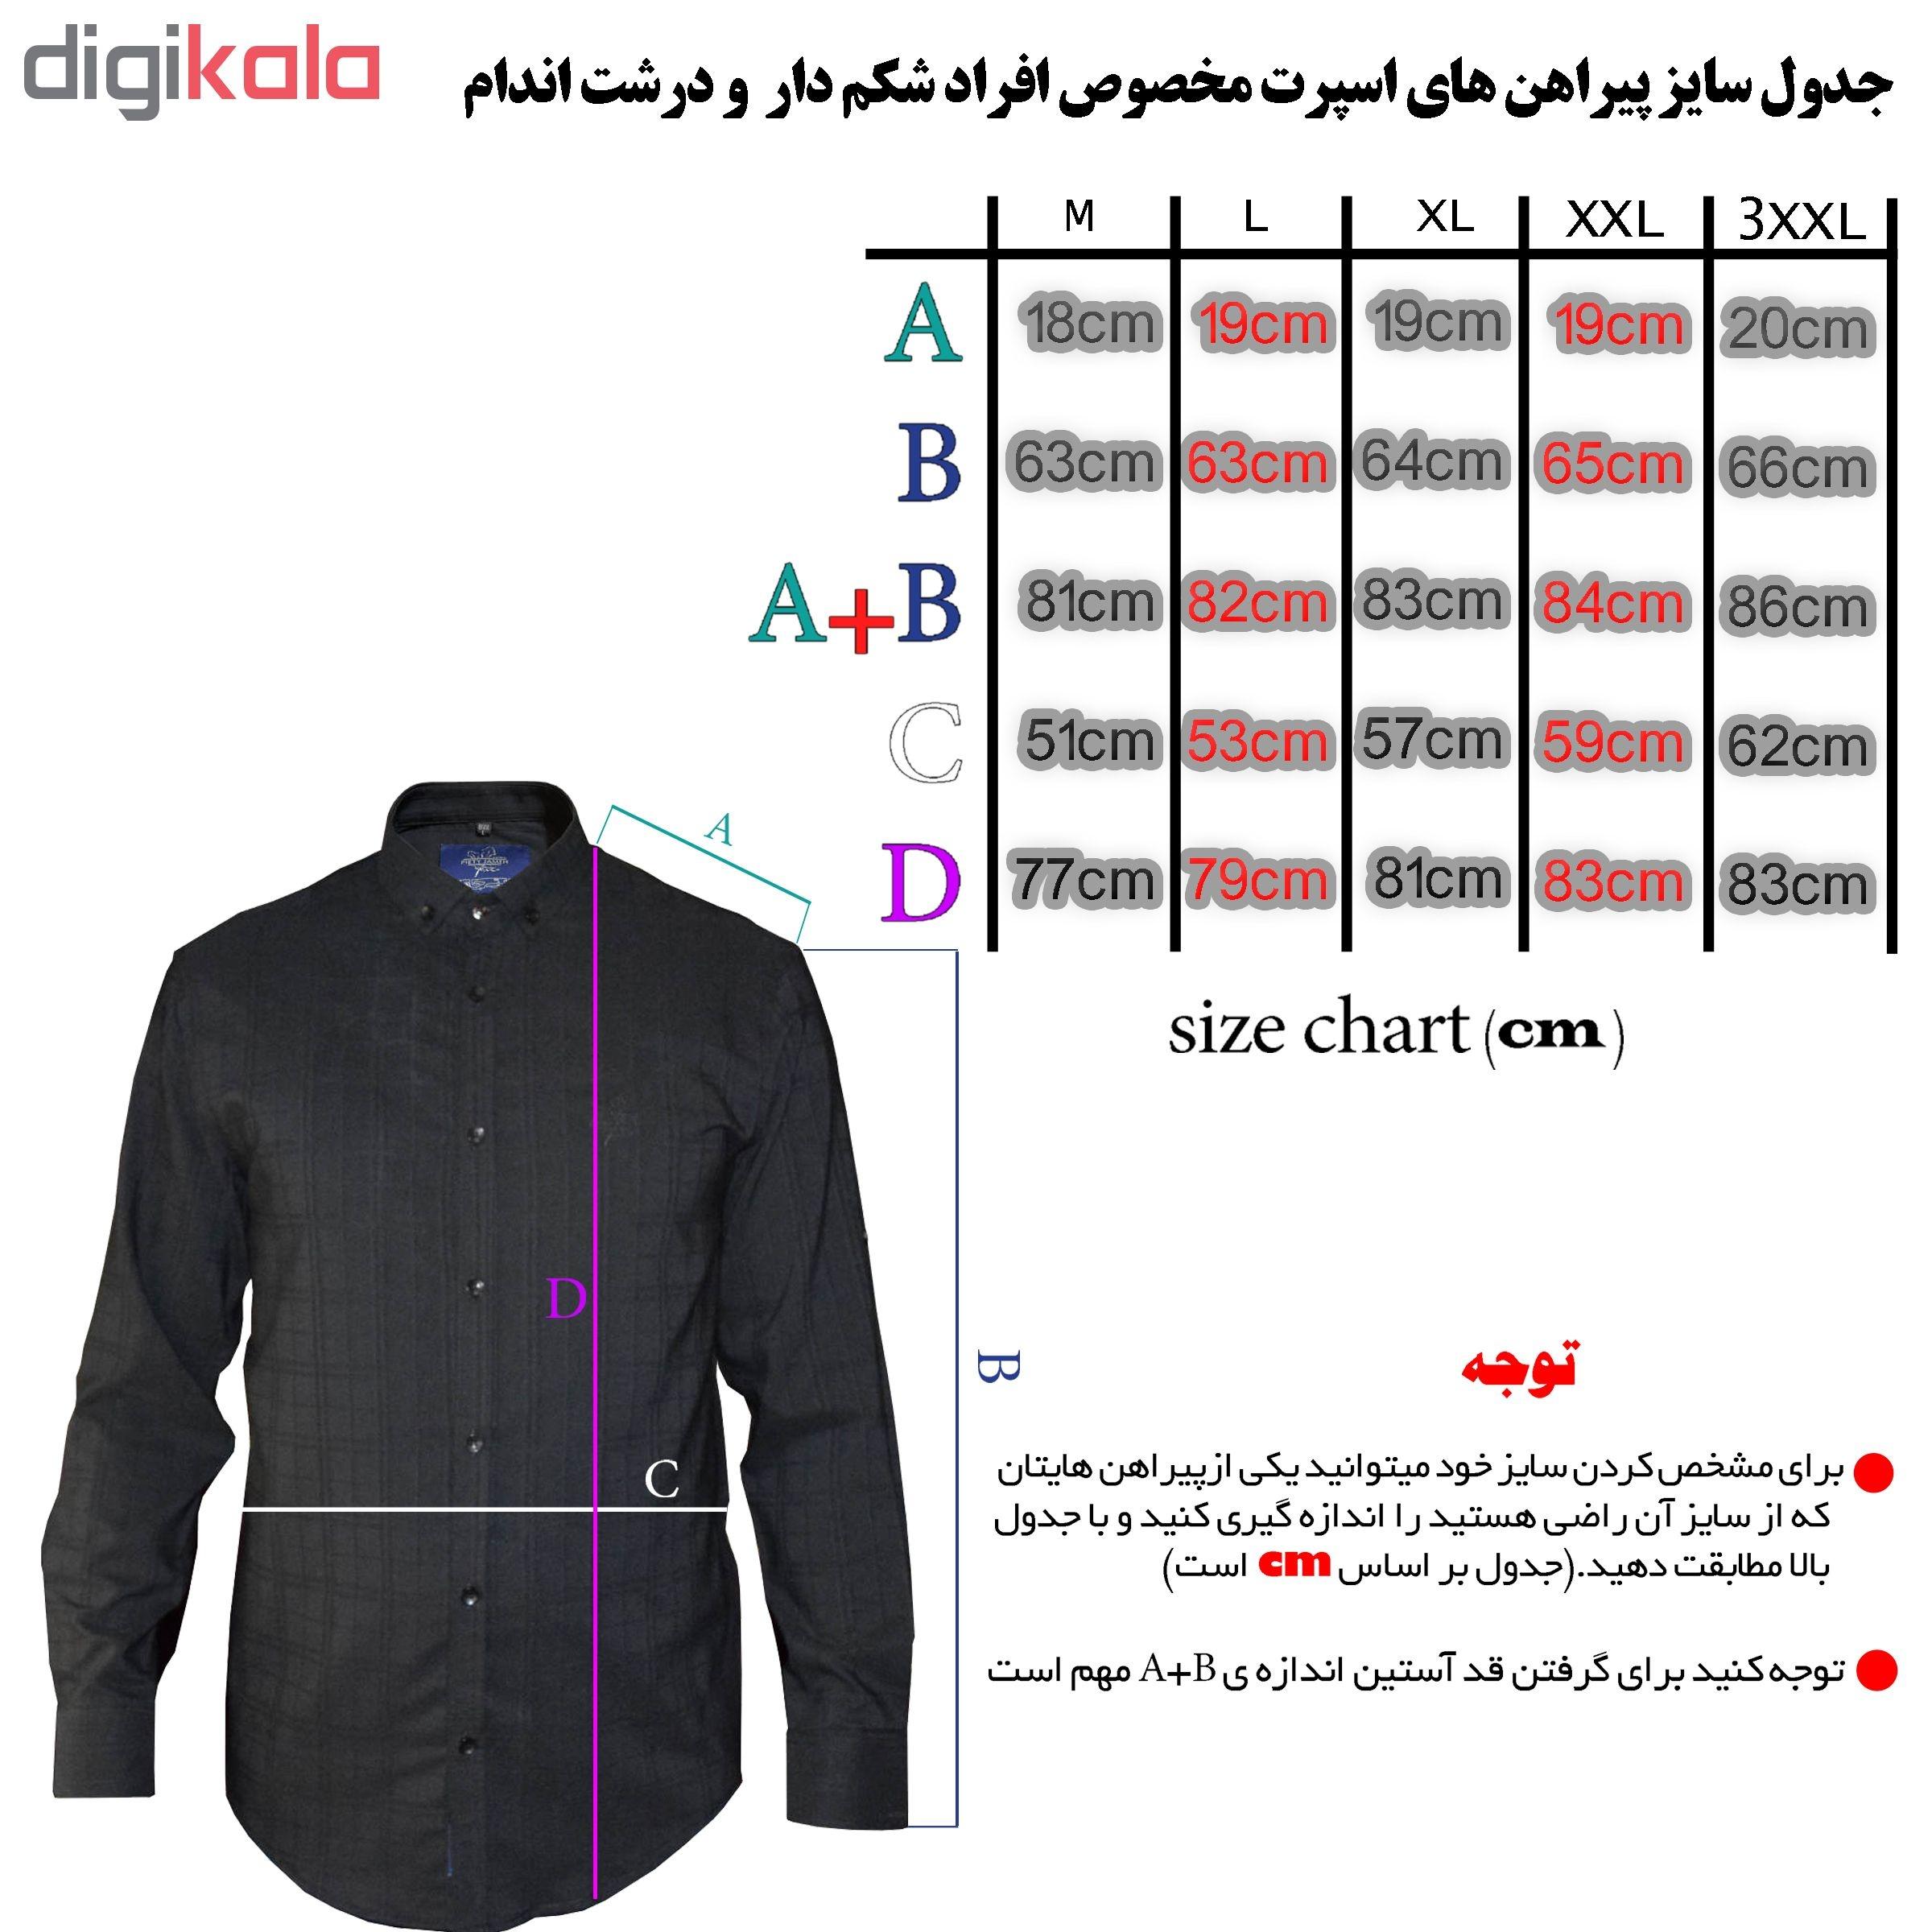 پیراهن مردانه پایتی جامه کد 1901439 main 1 1